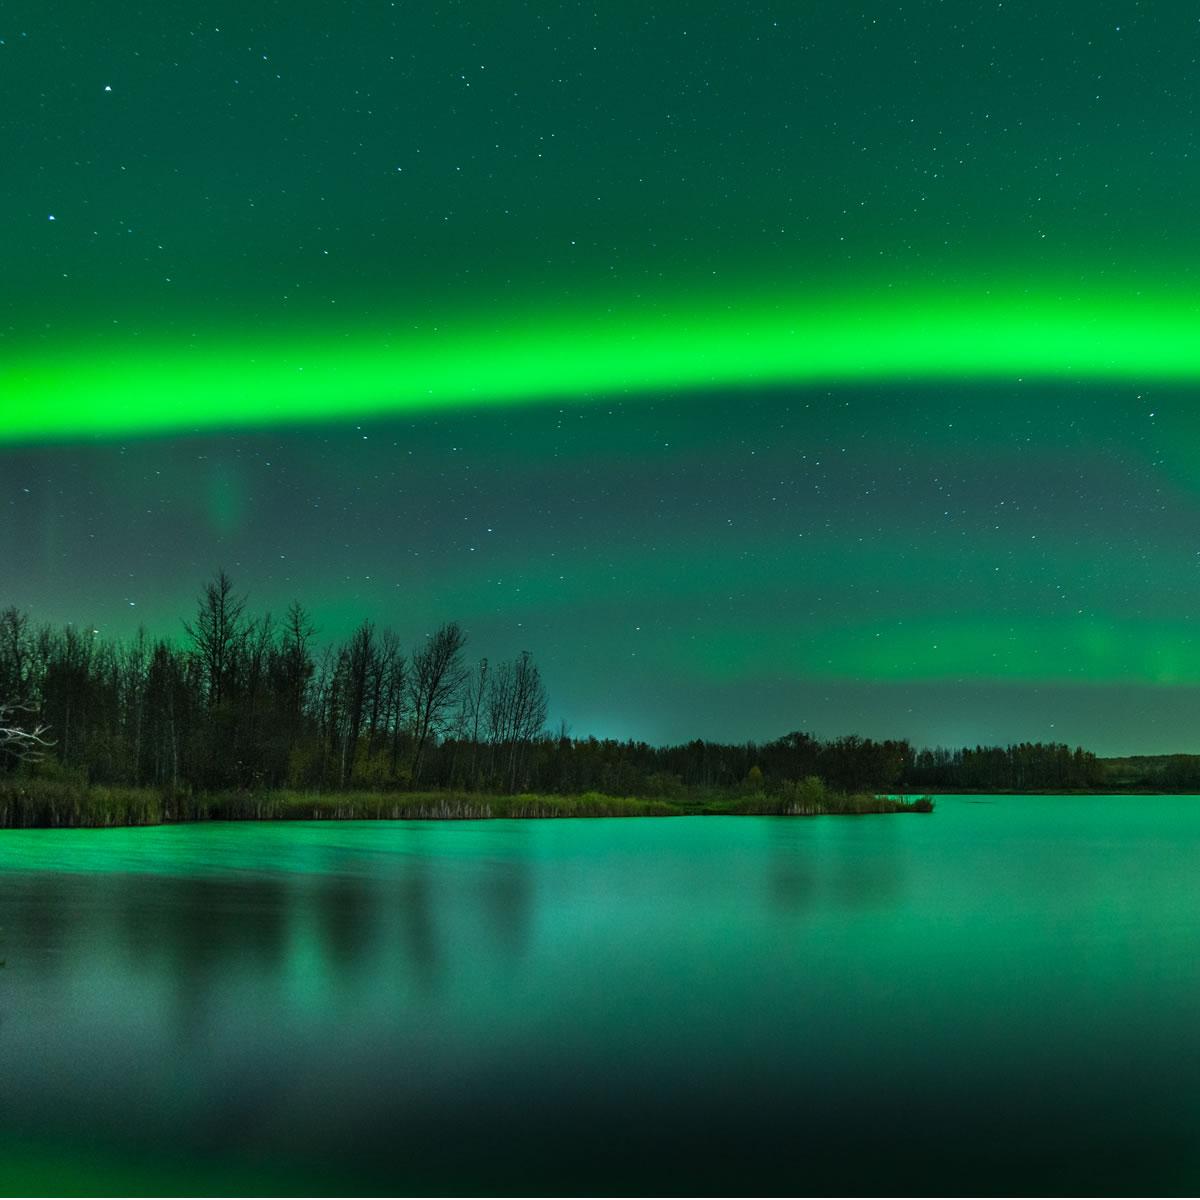 el espectáculo de luces más espectacular de la madre naturaleza